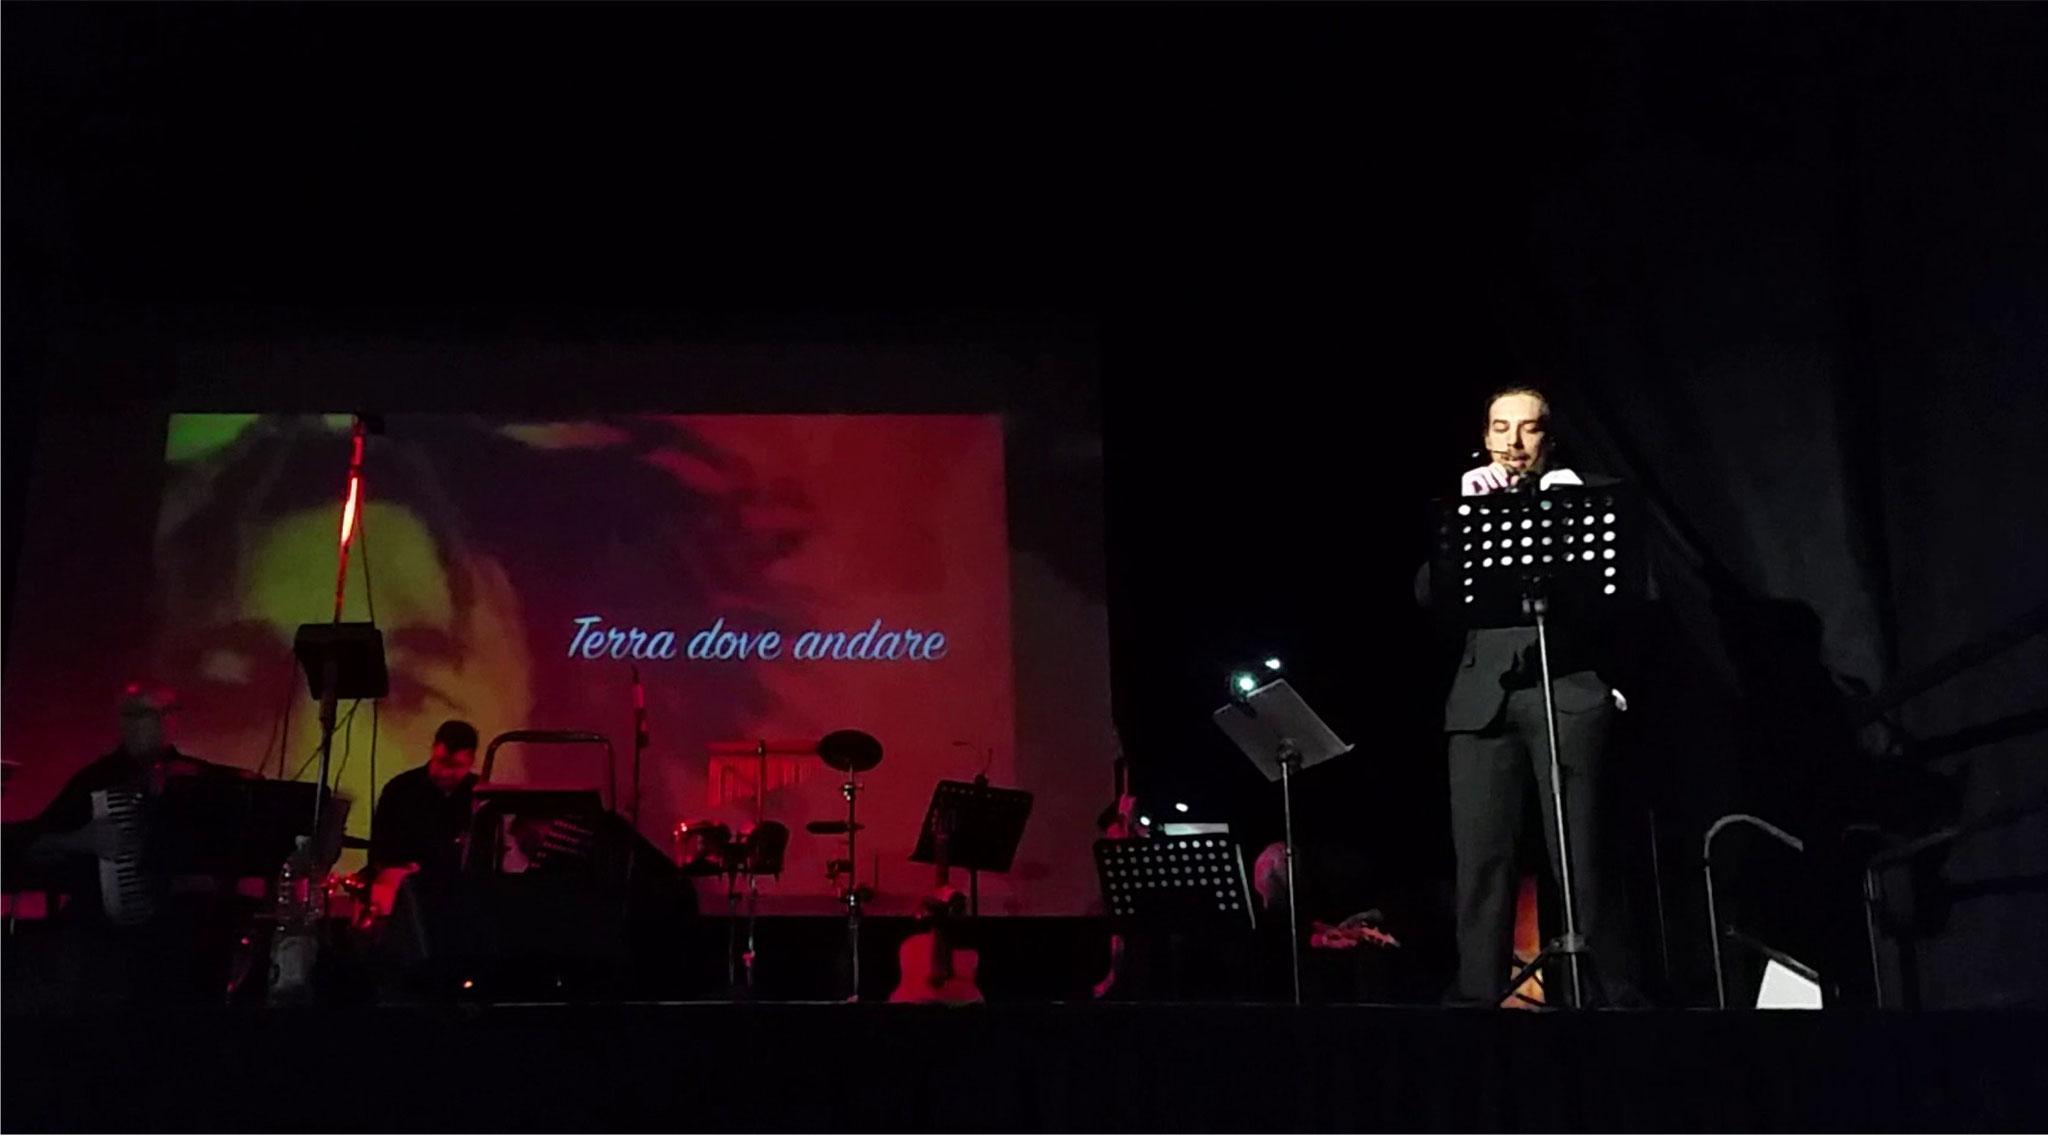 Alessandro Berruti, voce recitante